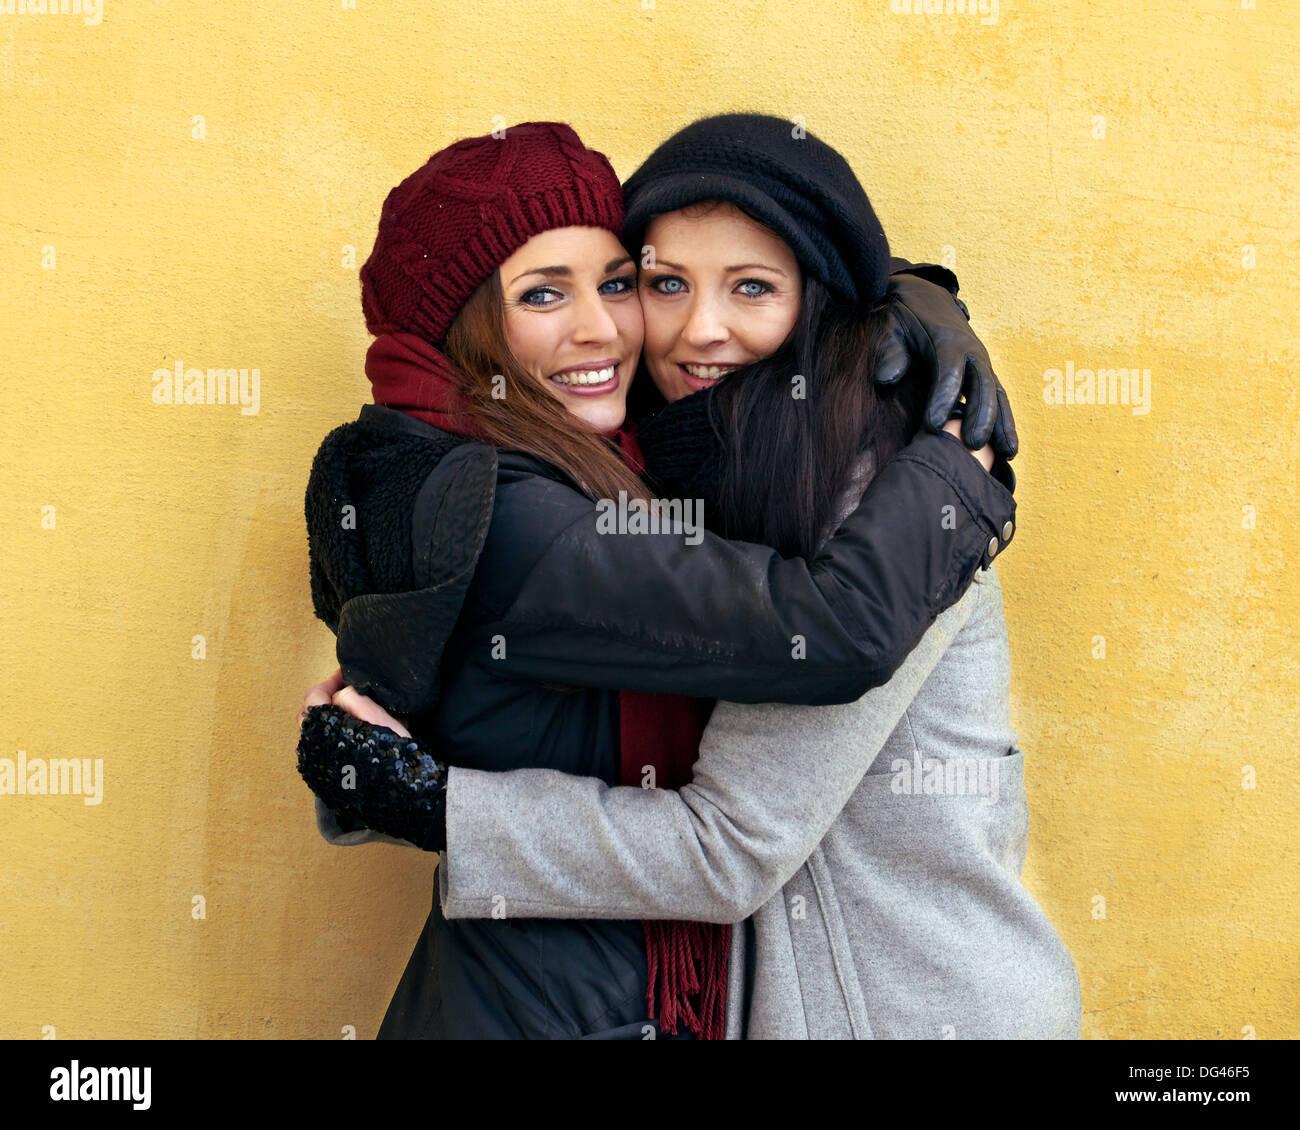 Deux amis donnant à chaque autre une chaleureuse accolade Photo Stock